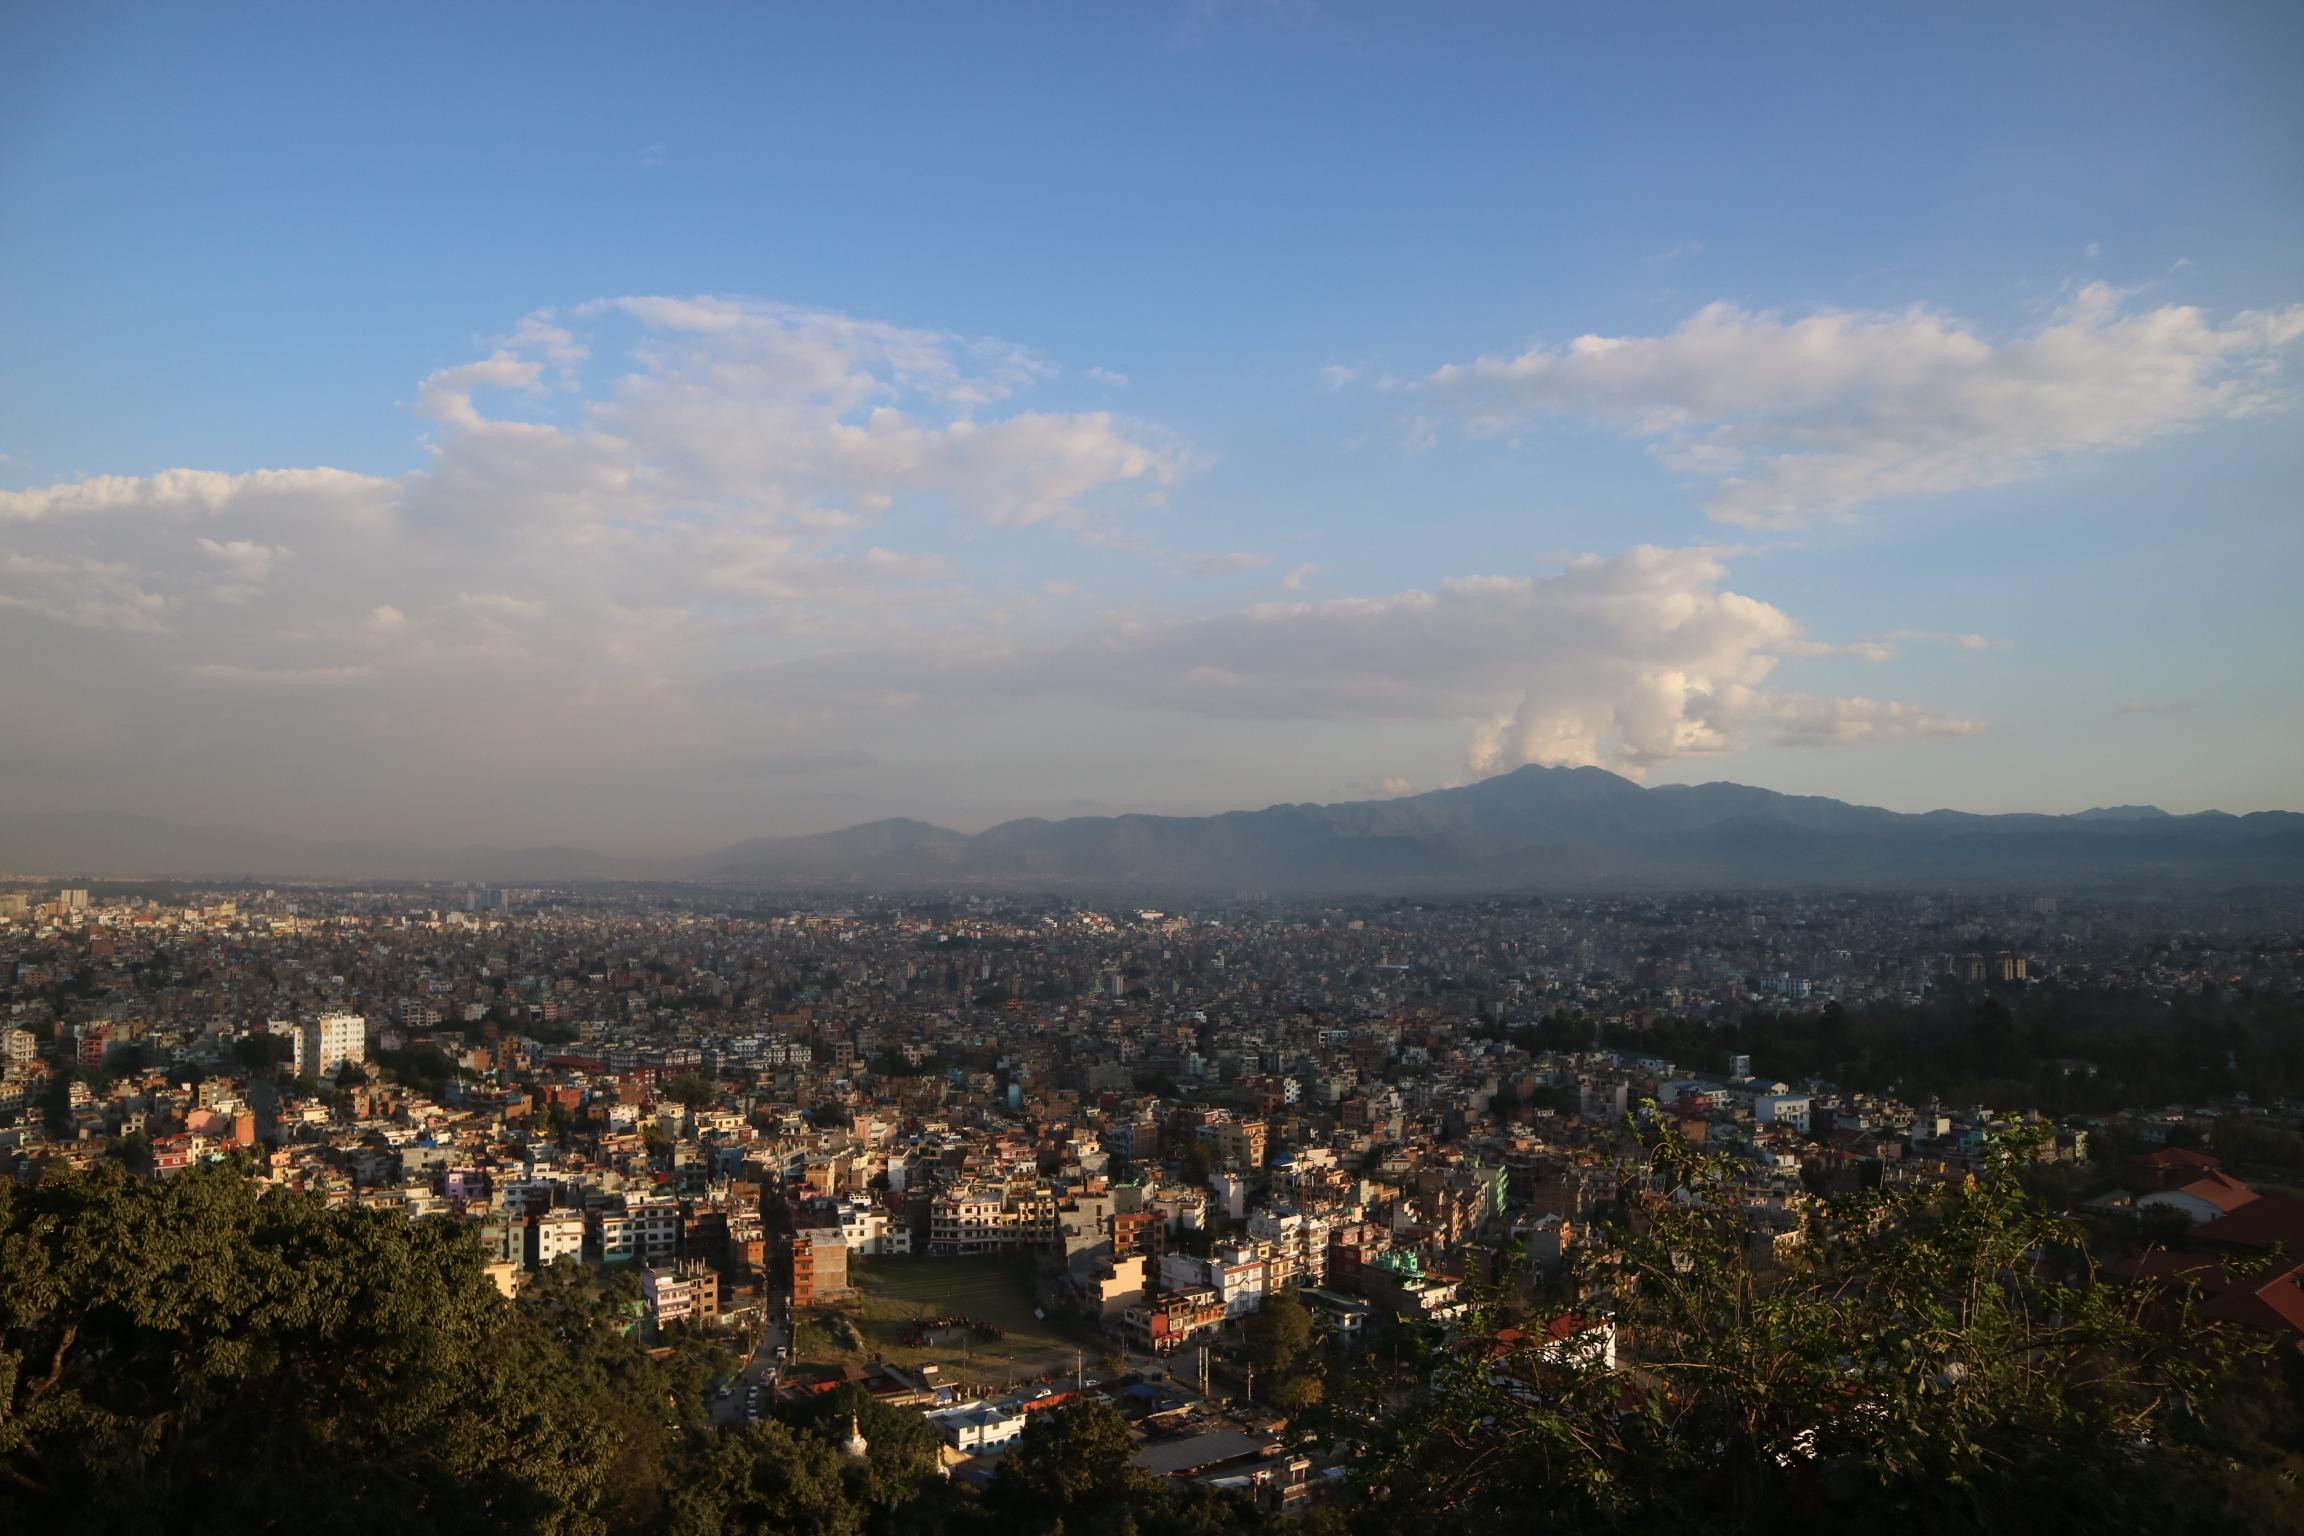 ネパール旅行記 5 「世界遺産」カトマンズの谷